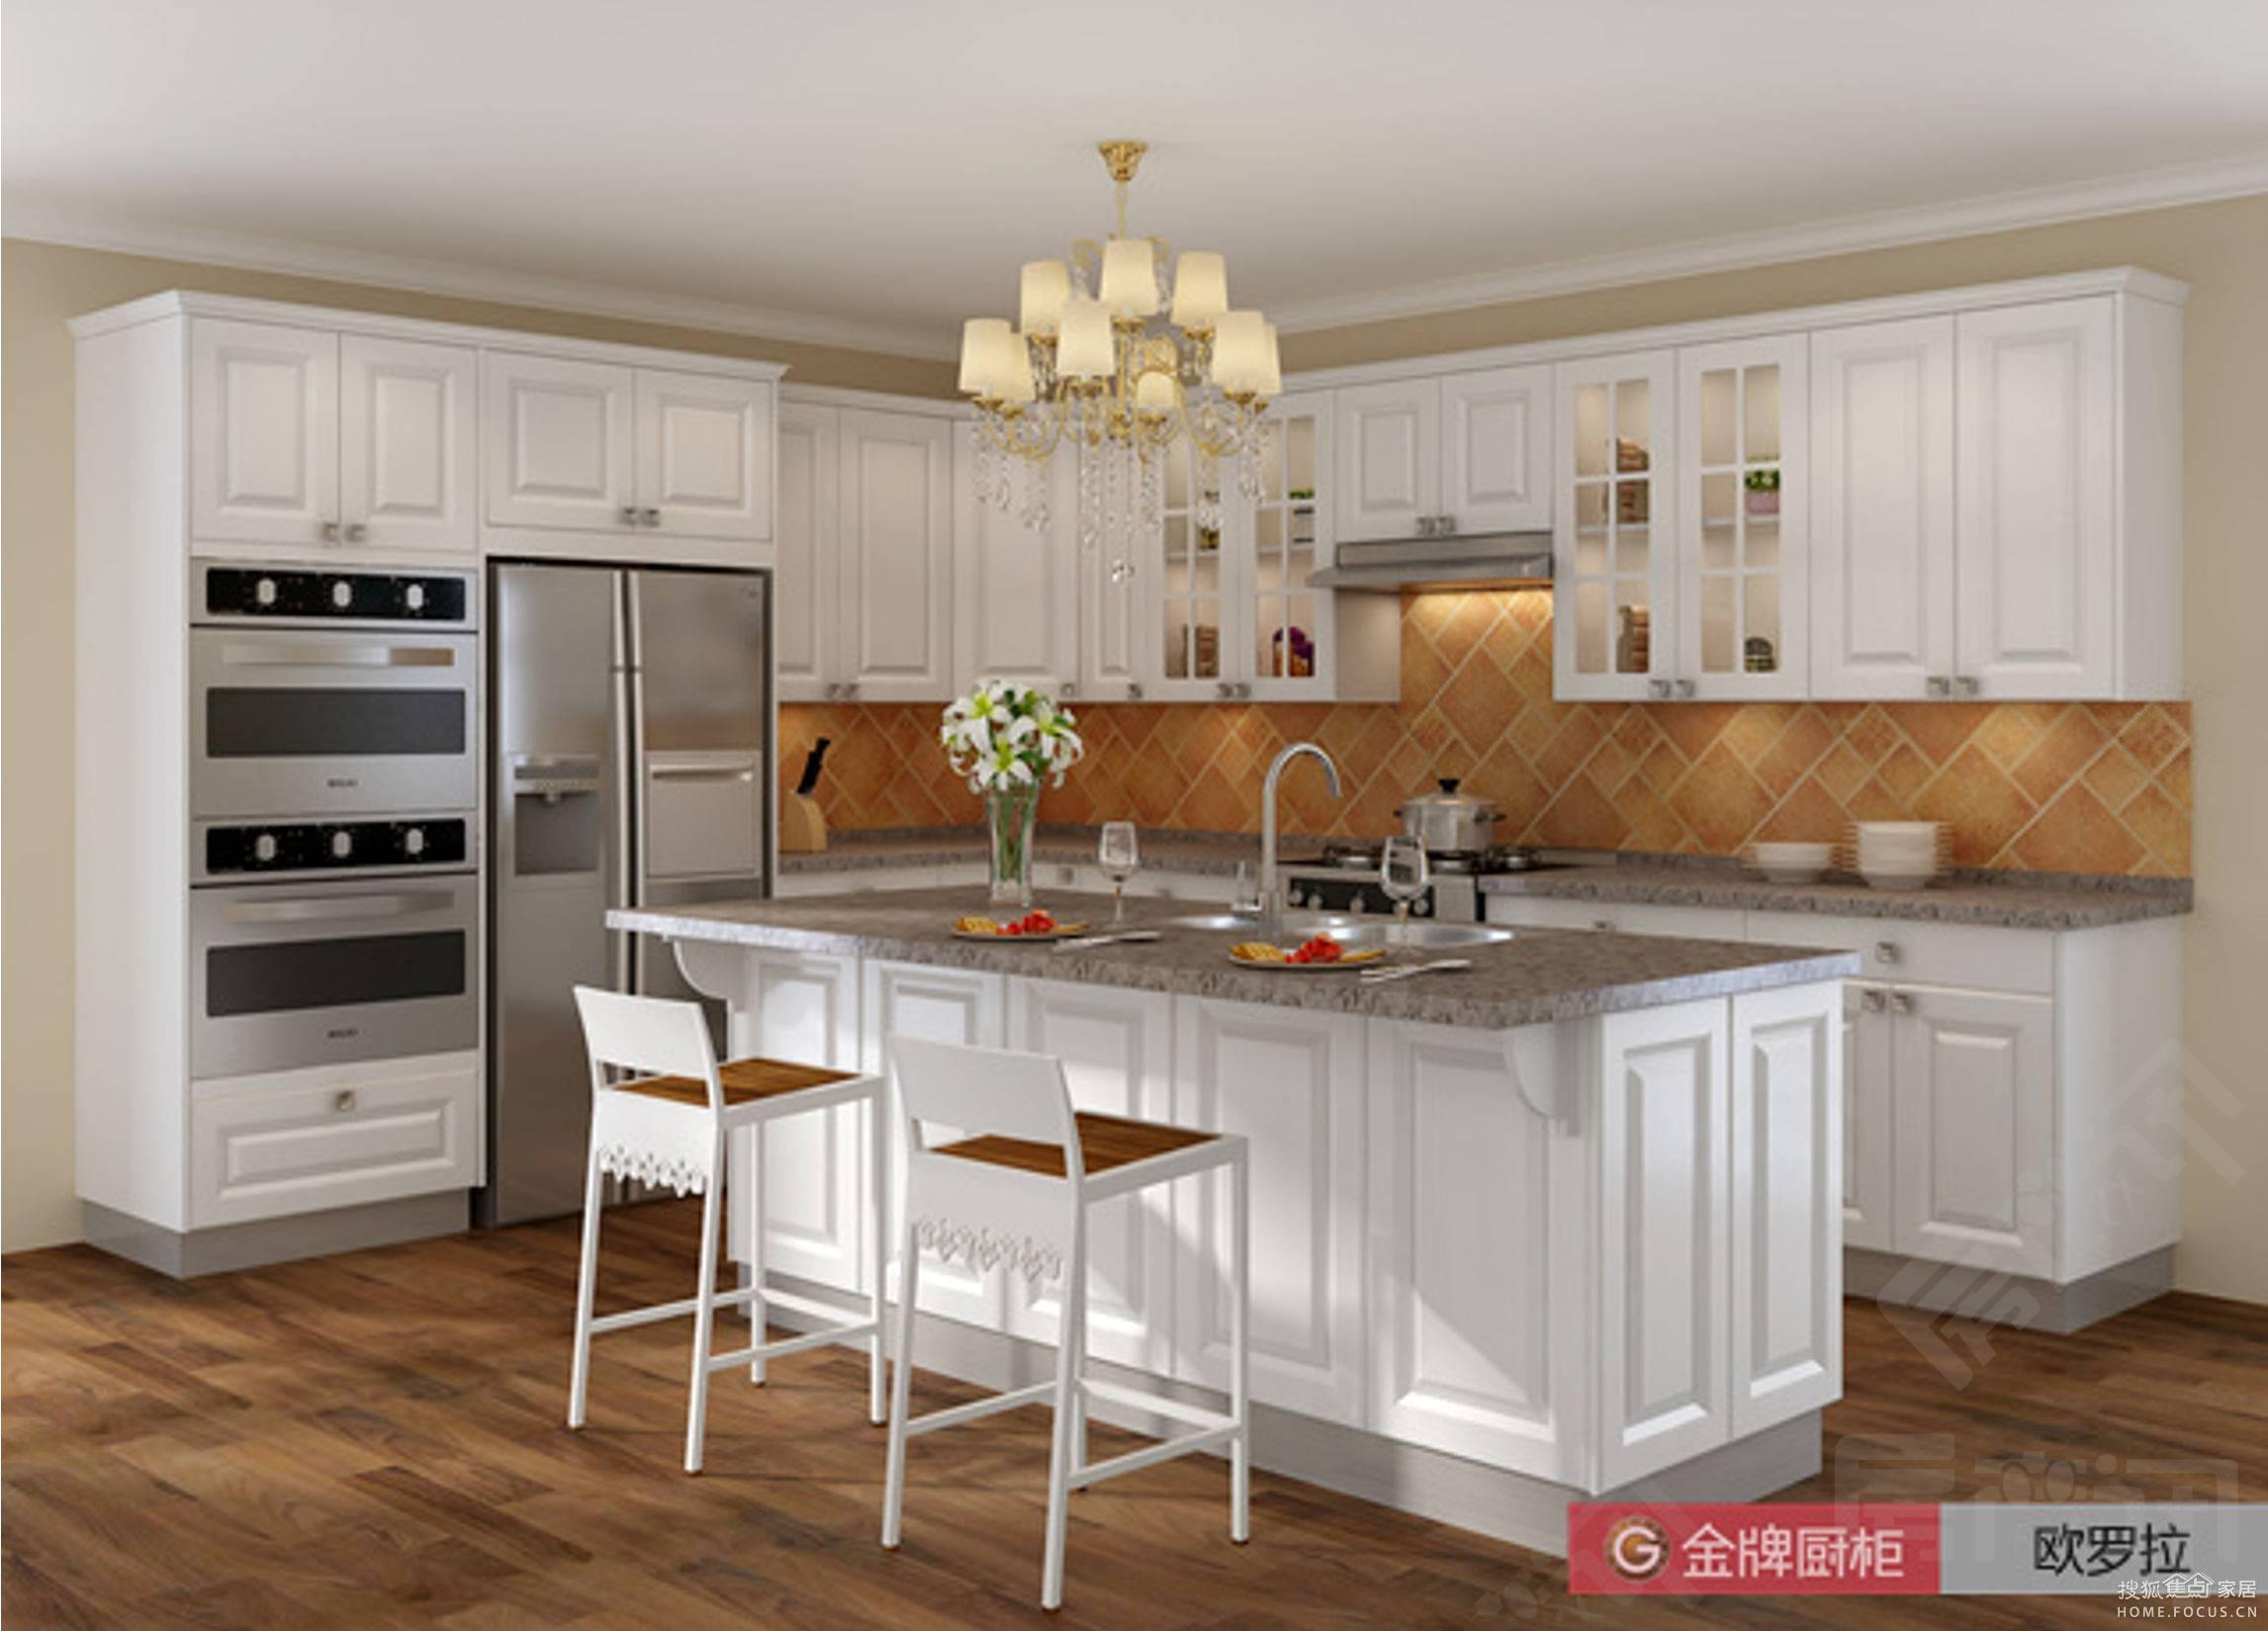 整体厨柜应选择什么风格设计,才能一套恒久远!